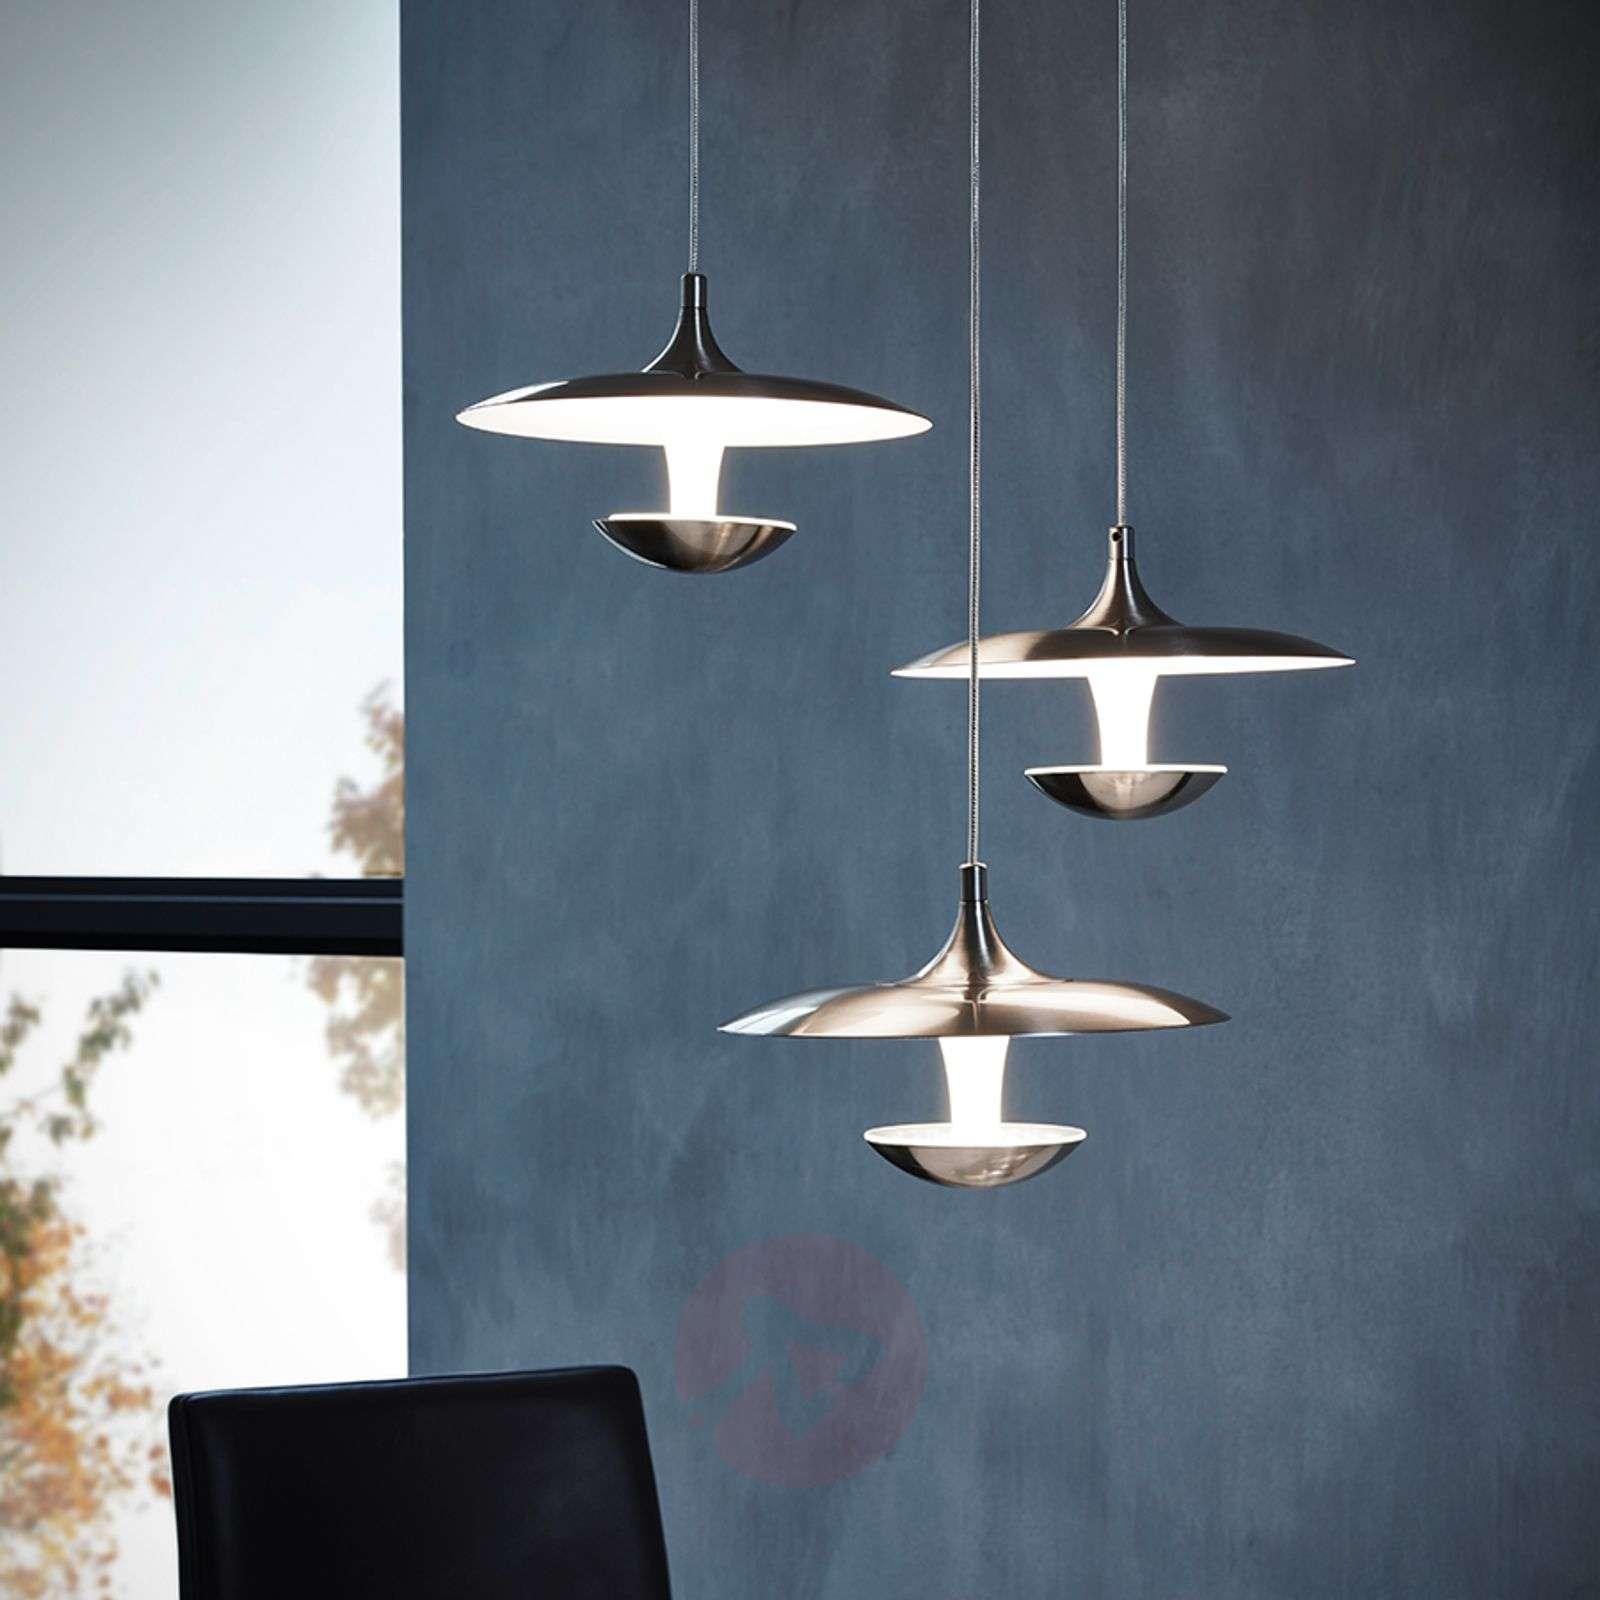 futuristic lighting. Futuristic-looking LED Hanging Light Toronja-3031936-01 Futuristic Lighting A